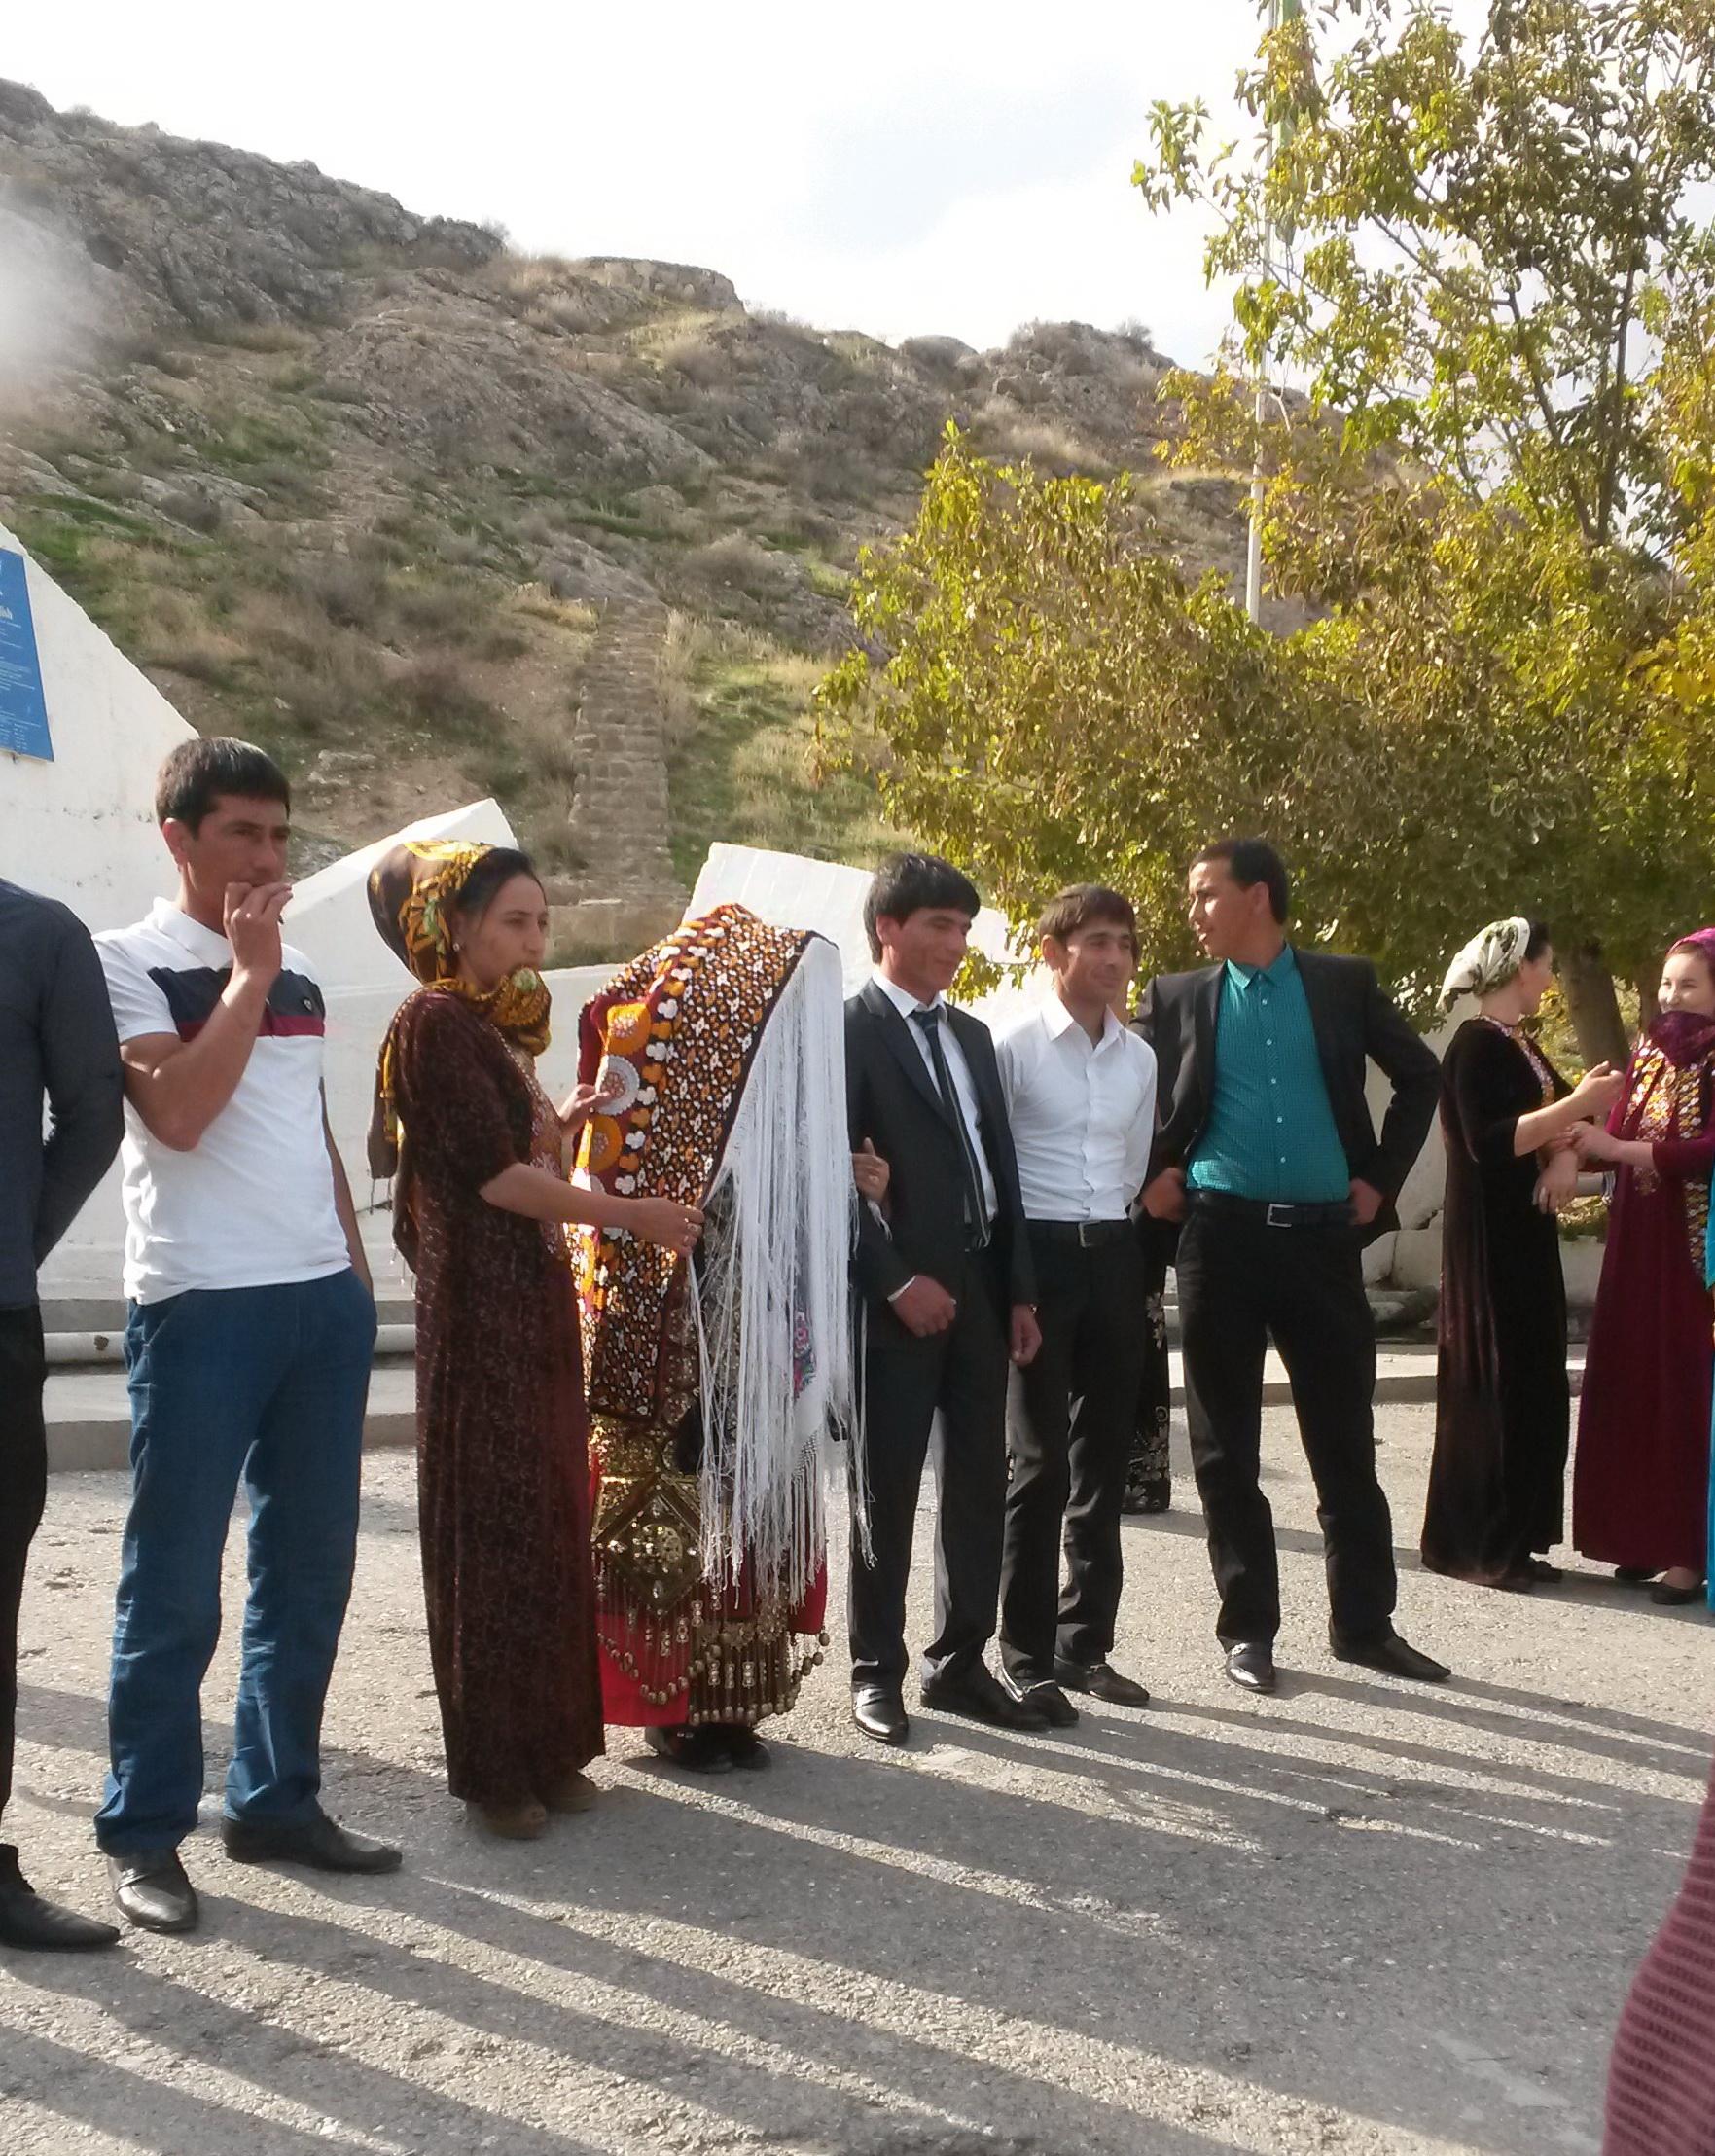 На церемонии выбора невесты для старейшин, которую показали г-ну Воронкову. В соответствии с местными обычаями старейшине на период работы в Совете положена и жена. На ее личико он сможет взглянуть только проведения официальной церемонии. Но как заявила украинская супруга Воронкова — Людмила задачей подбора туркменской жены она займется лично